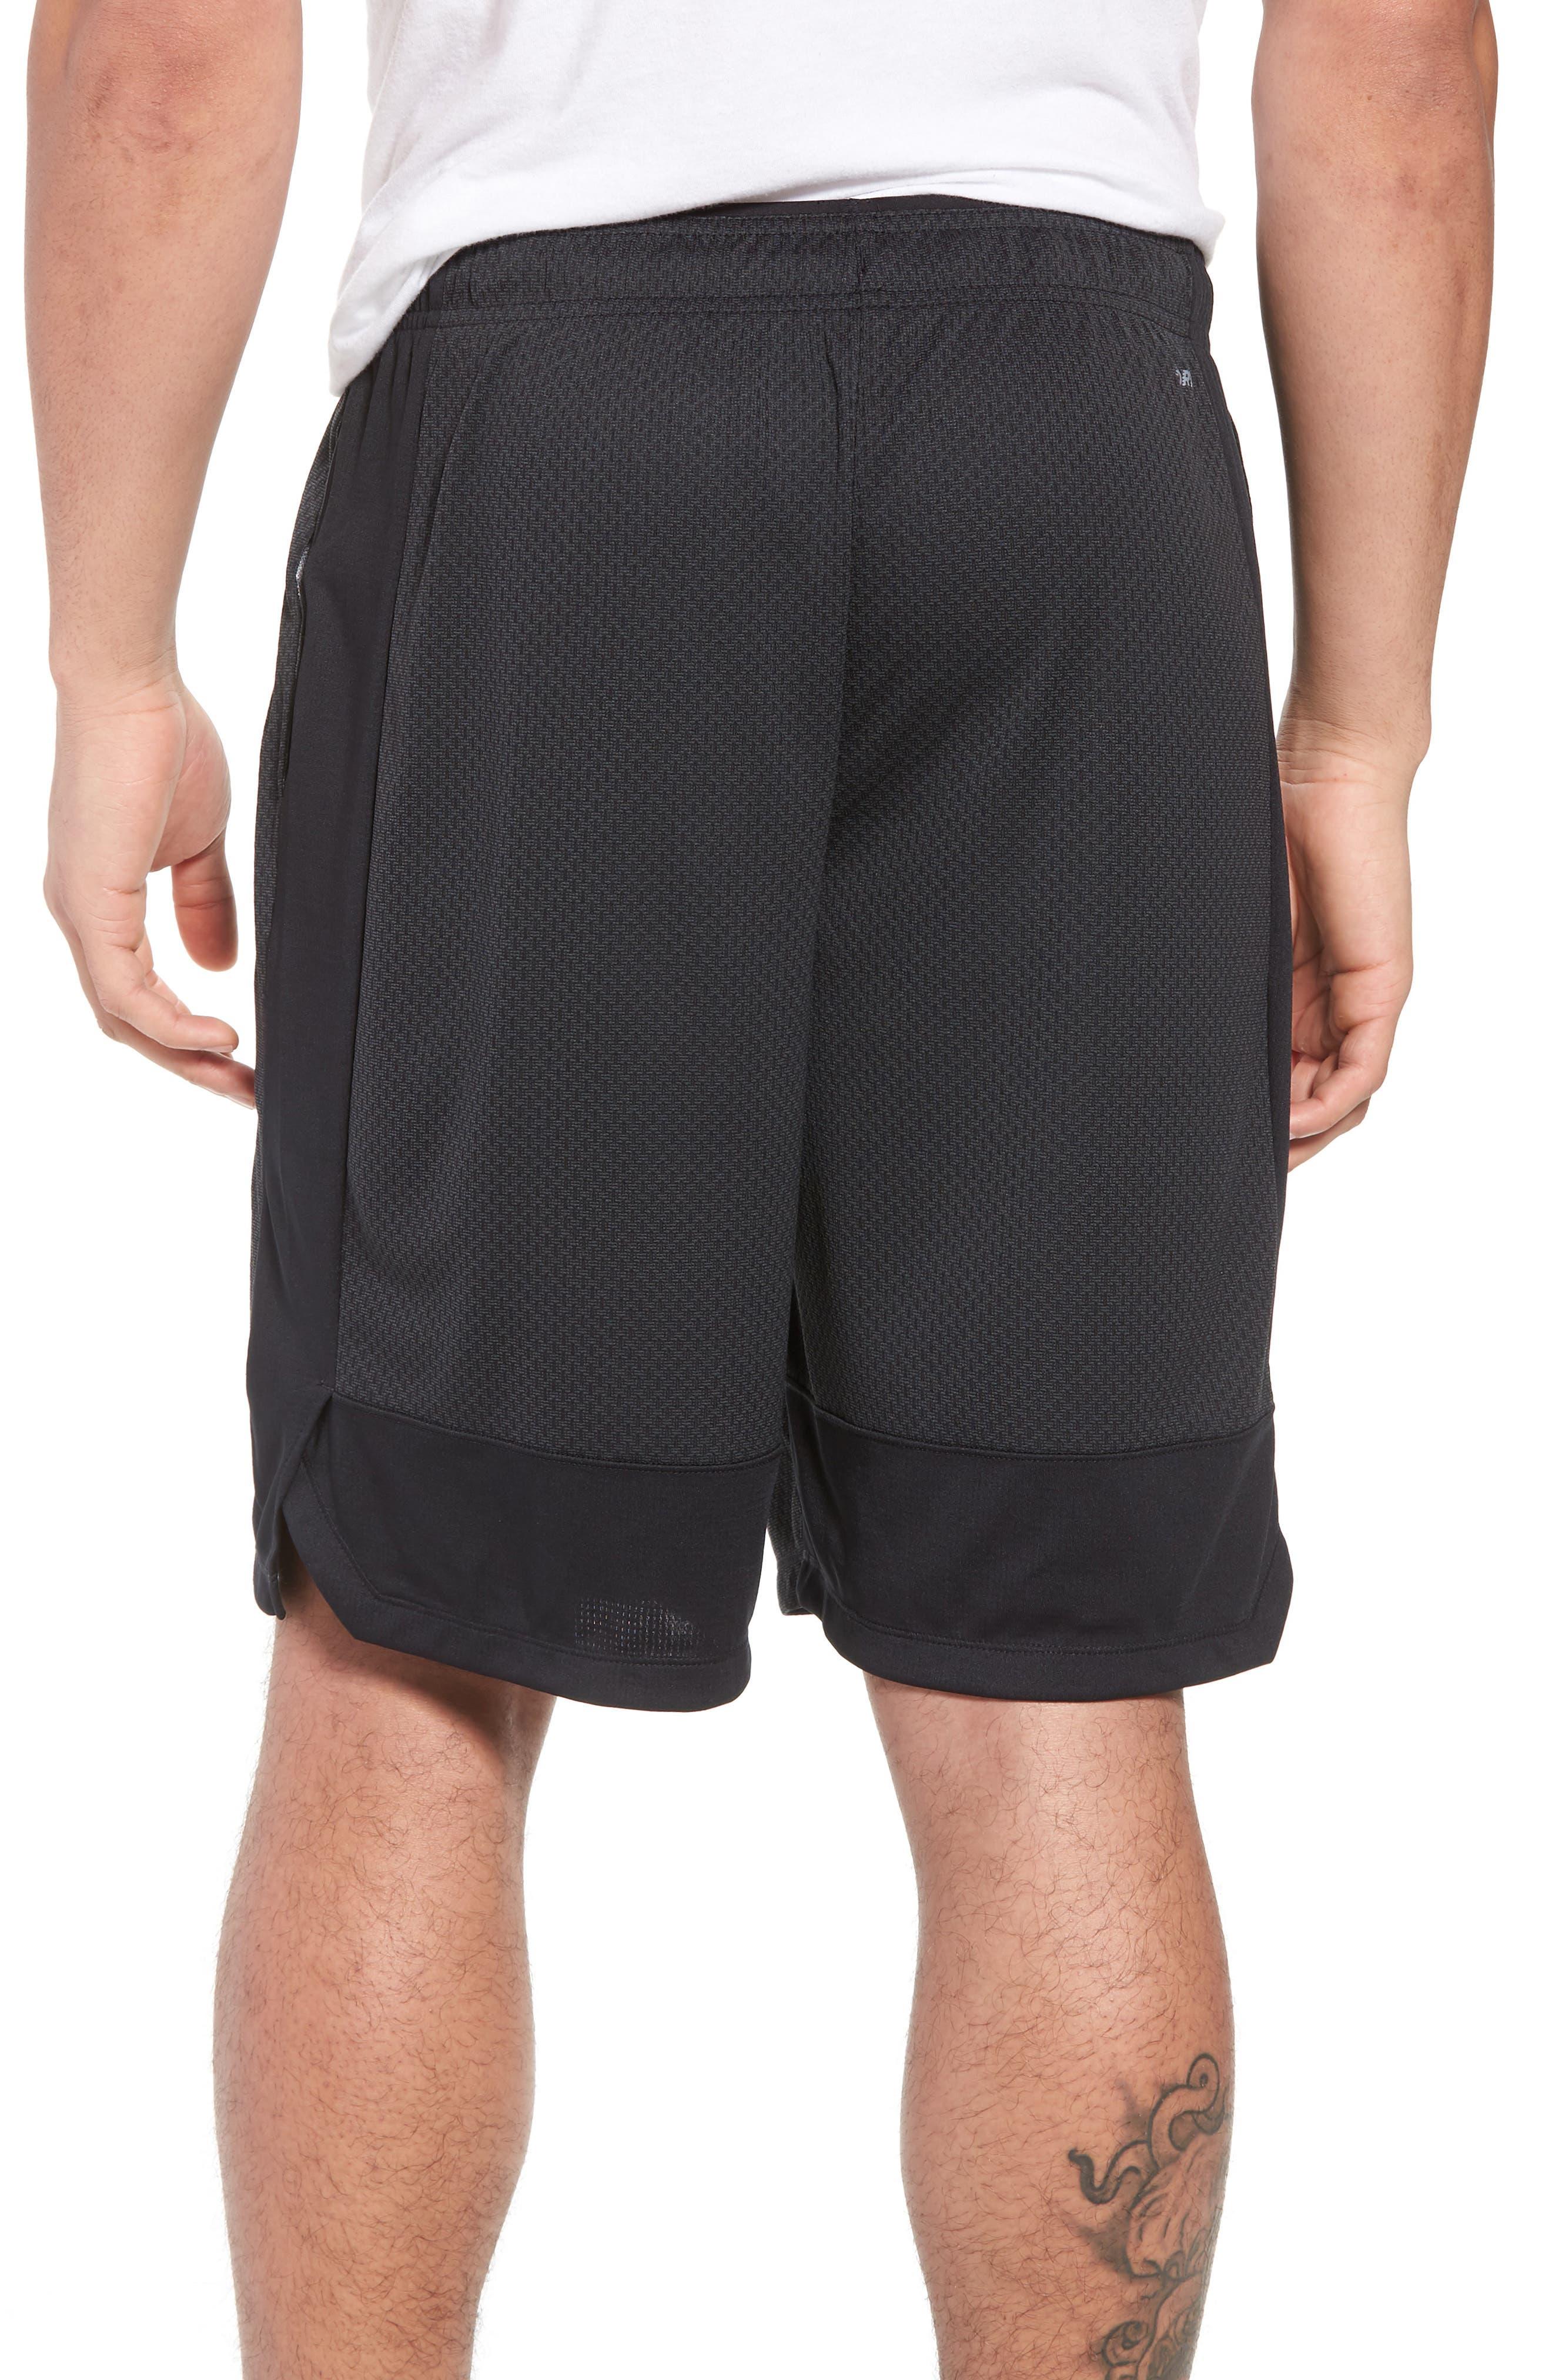 Tencity Knit Shorts,                             Alternate thumbnail 2, color,                             Black